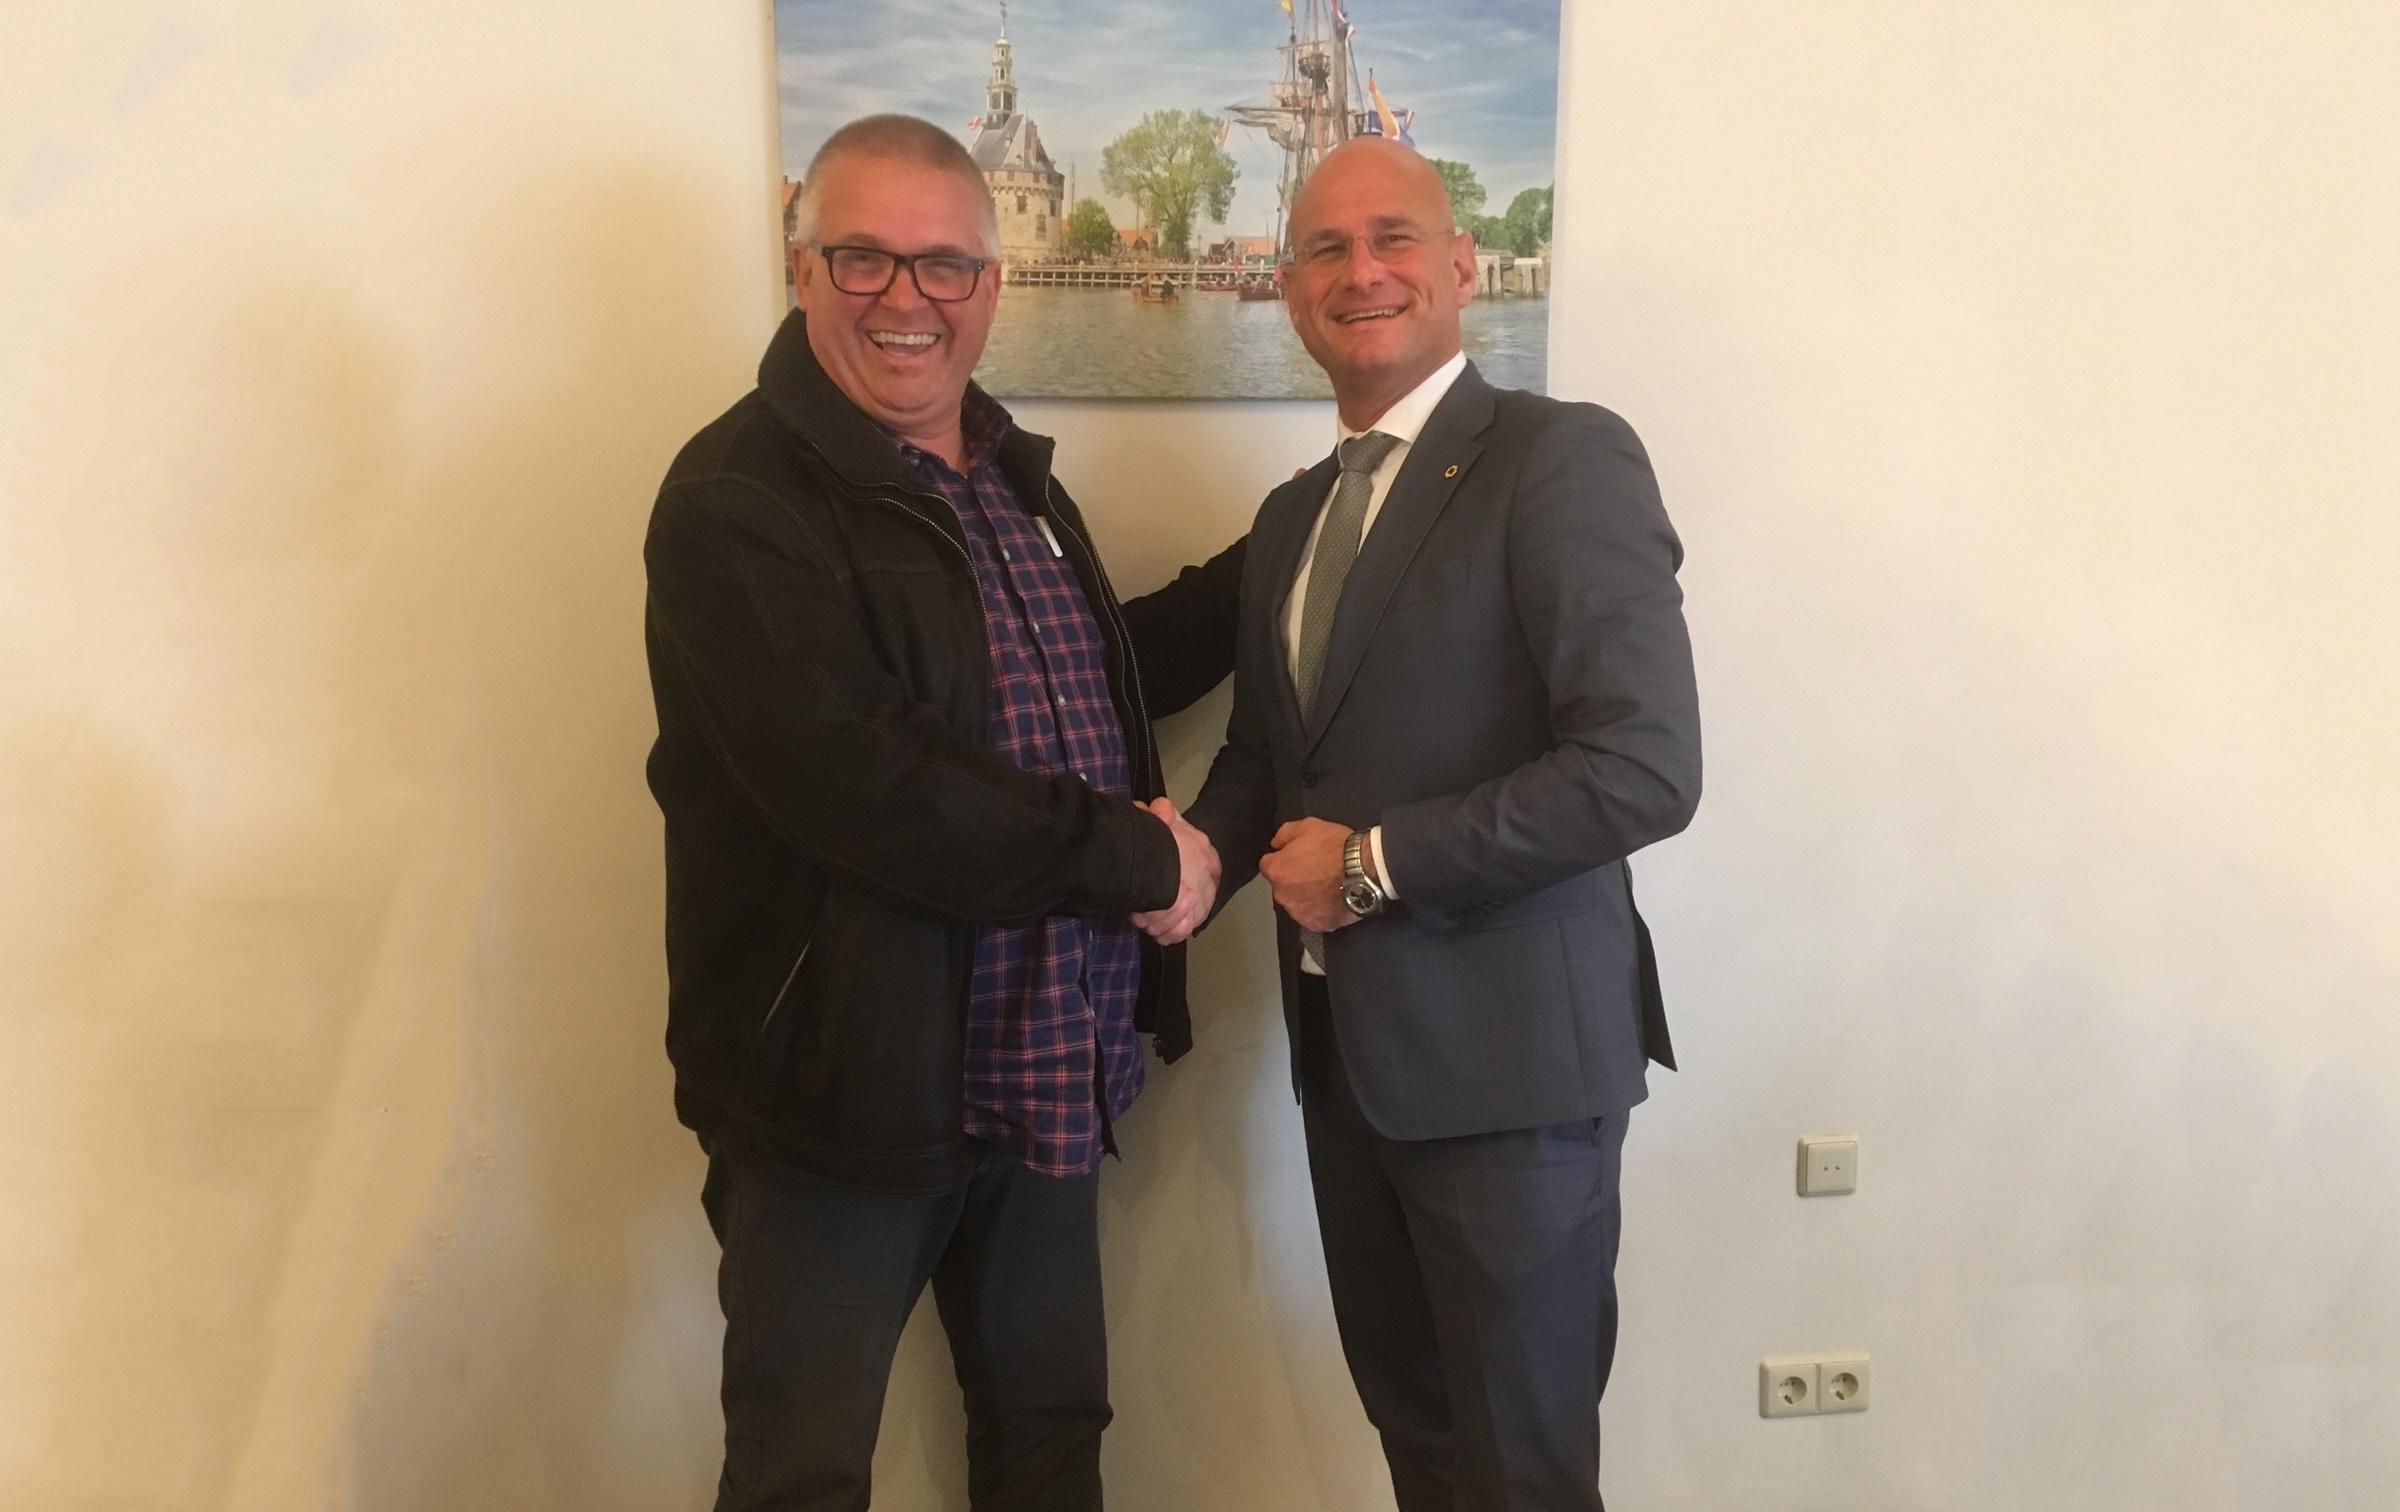 Nieuw bestuur voor Koninklijke Horeca Nederland afdeling Hoorn